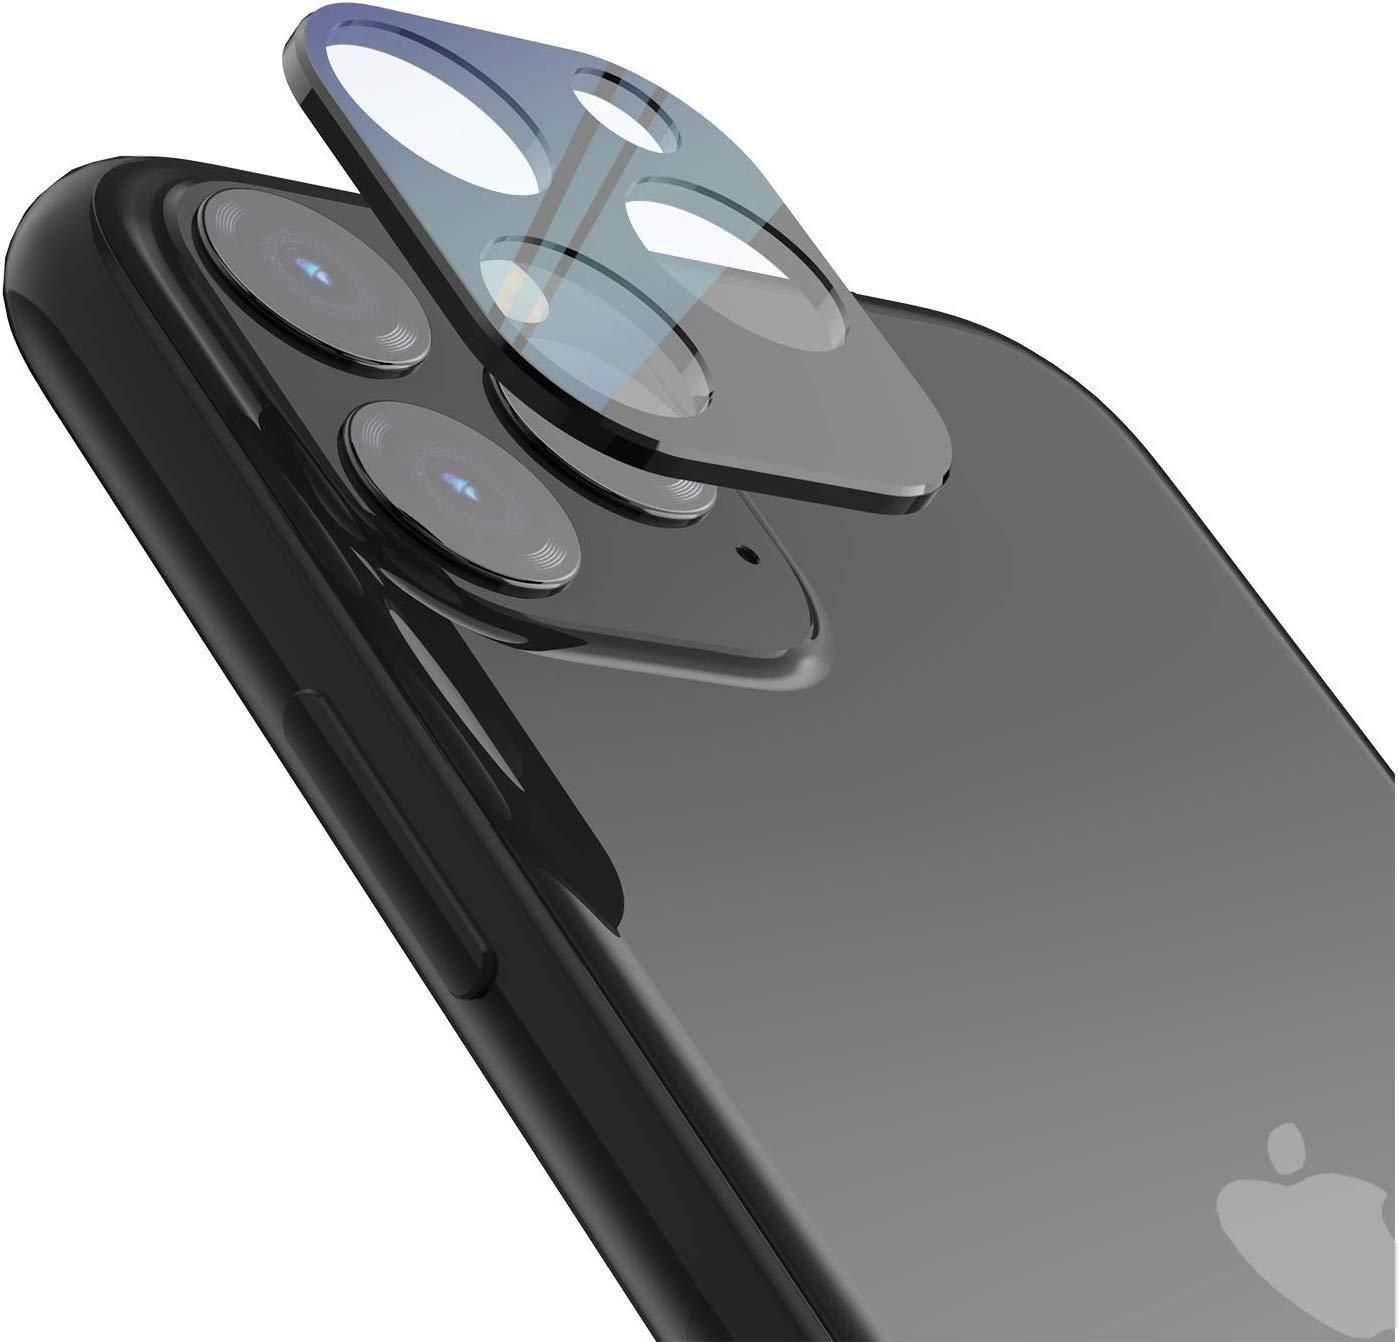 Protector De Lentes Para iPhone 11 Pro/pro Max